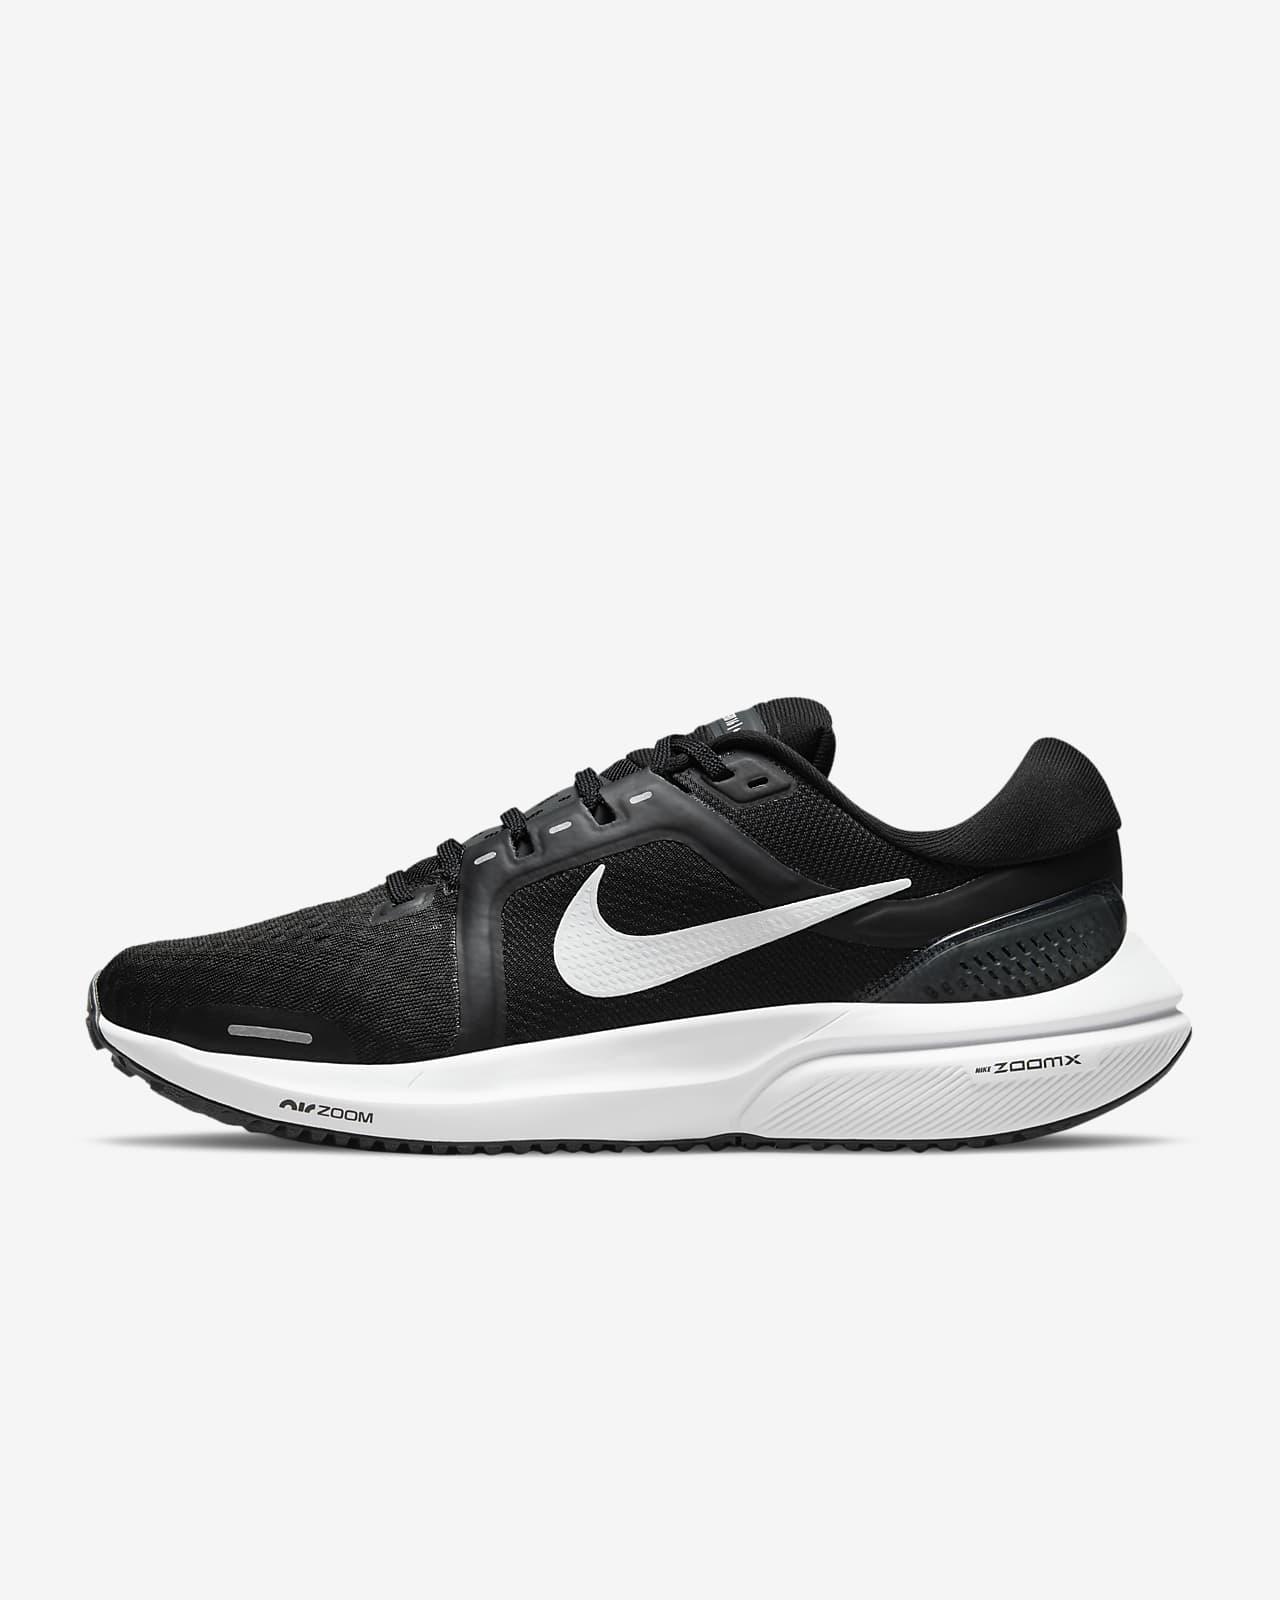 Nike Air Zoom Vomero 16-løbesko til vej til kvinder